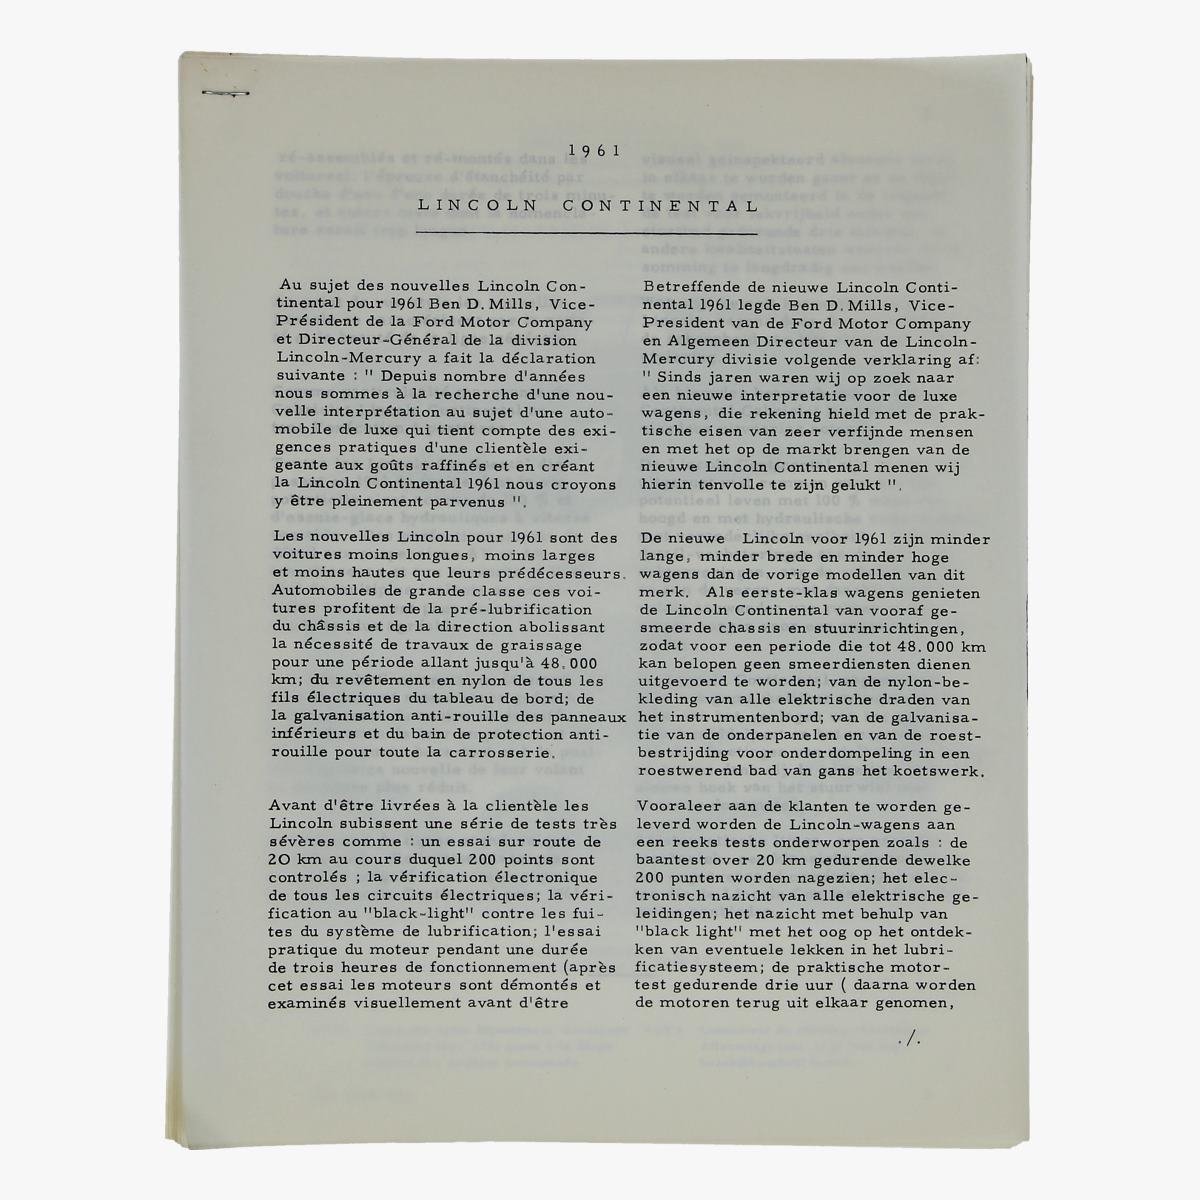 Afbeeldingen van oude folder lincoln continental 1961